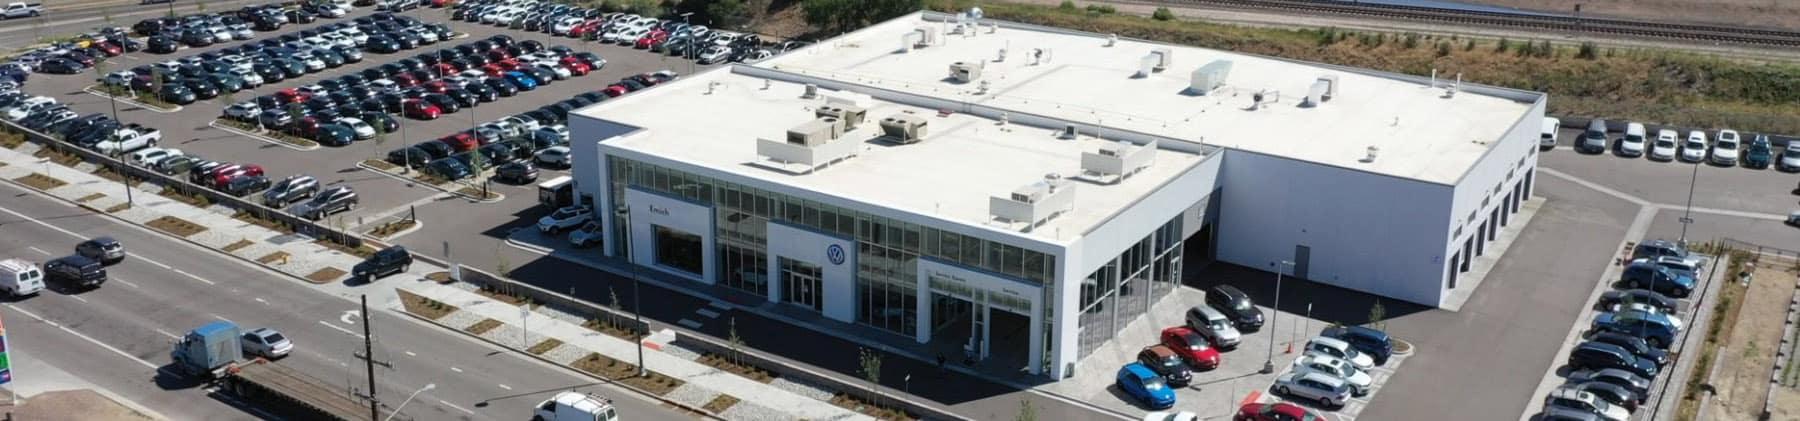 Emich Volkswagen Denver, Colorado